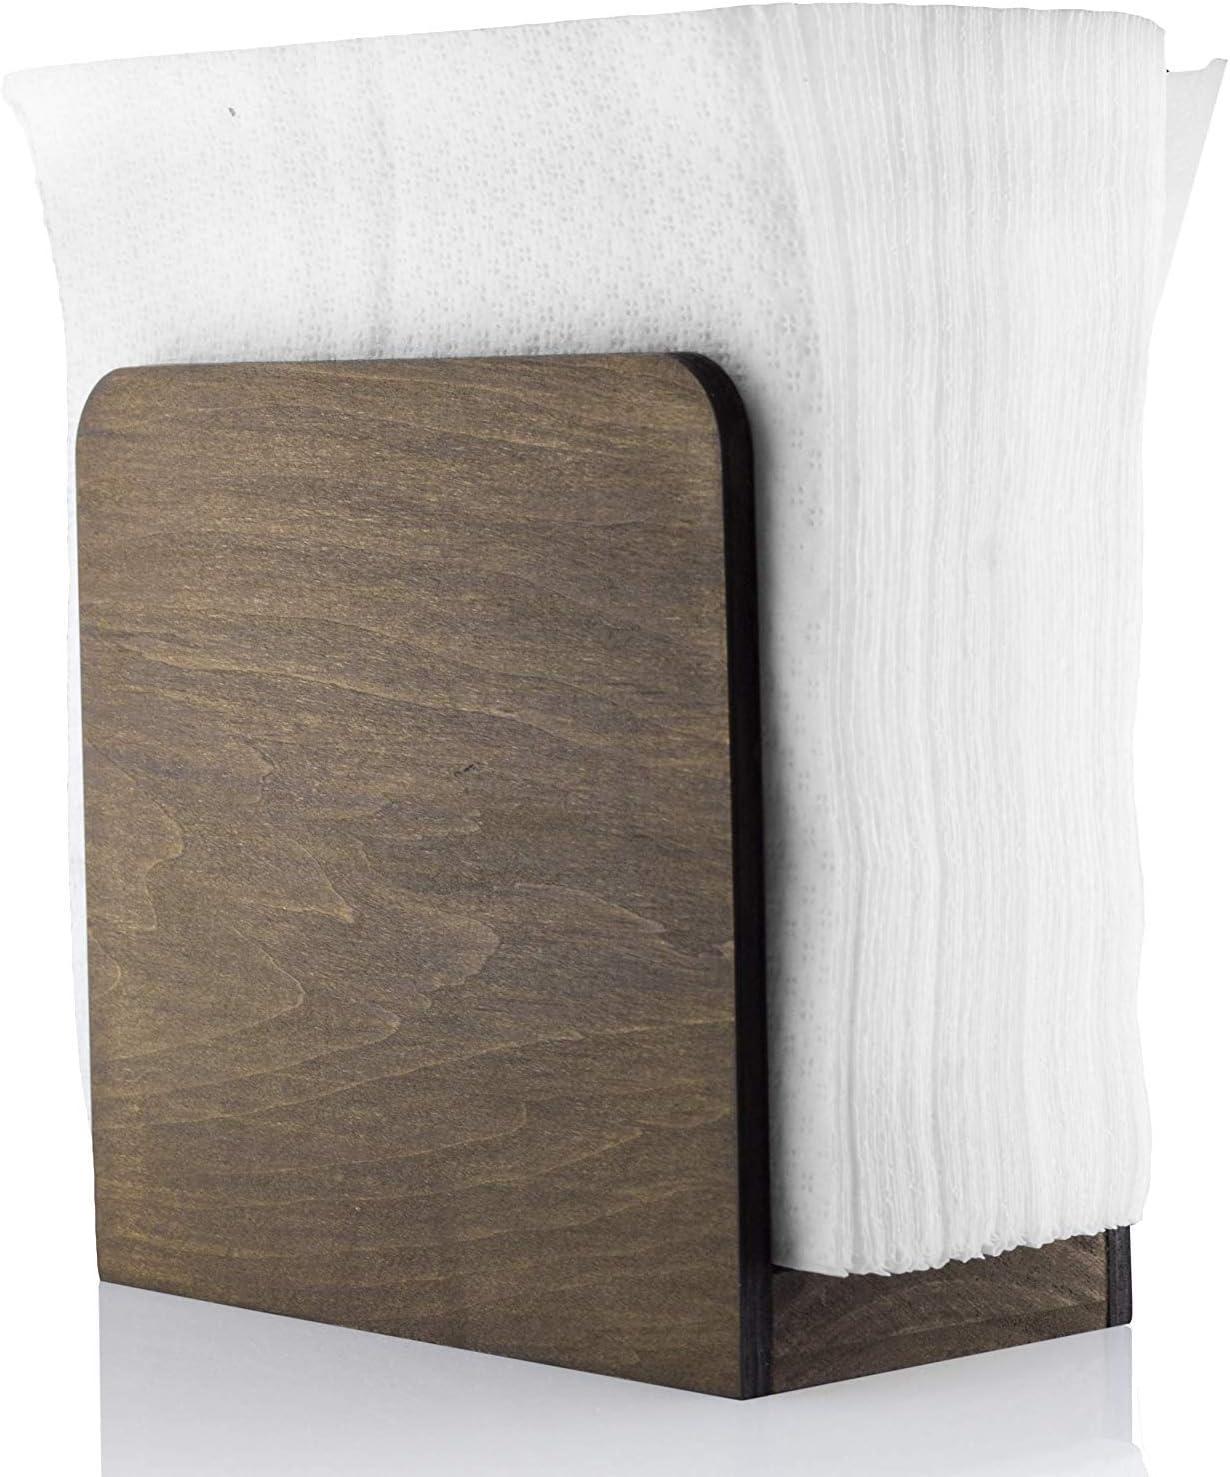 Restaurant Decor Kitchen Accessories Handmade Wooden Napkin Holder